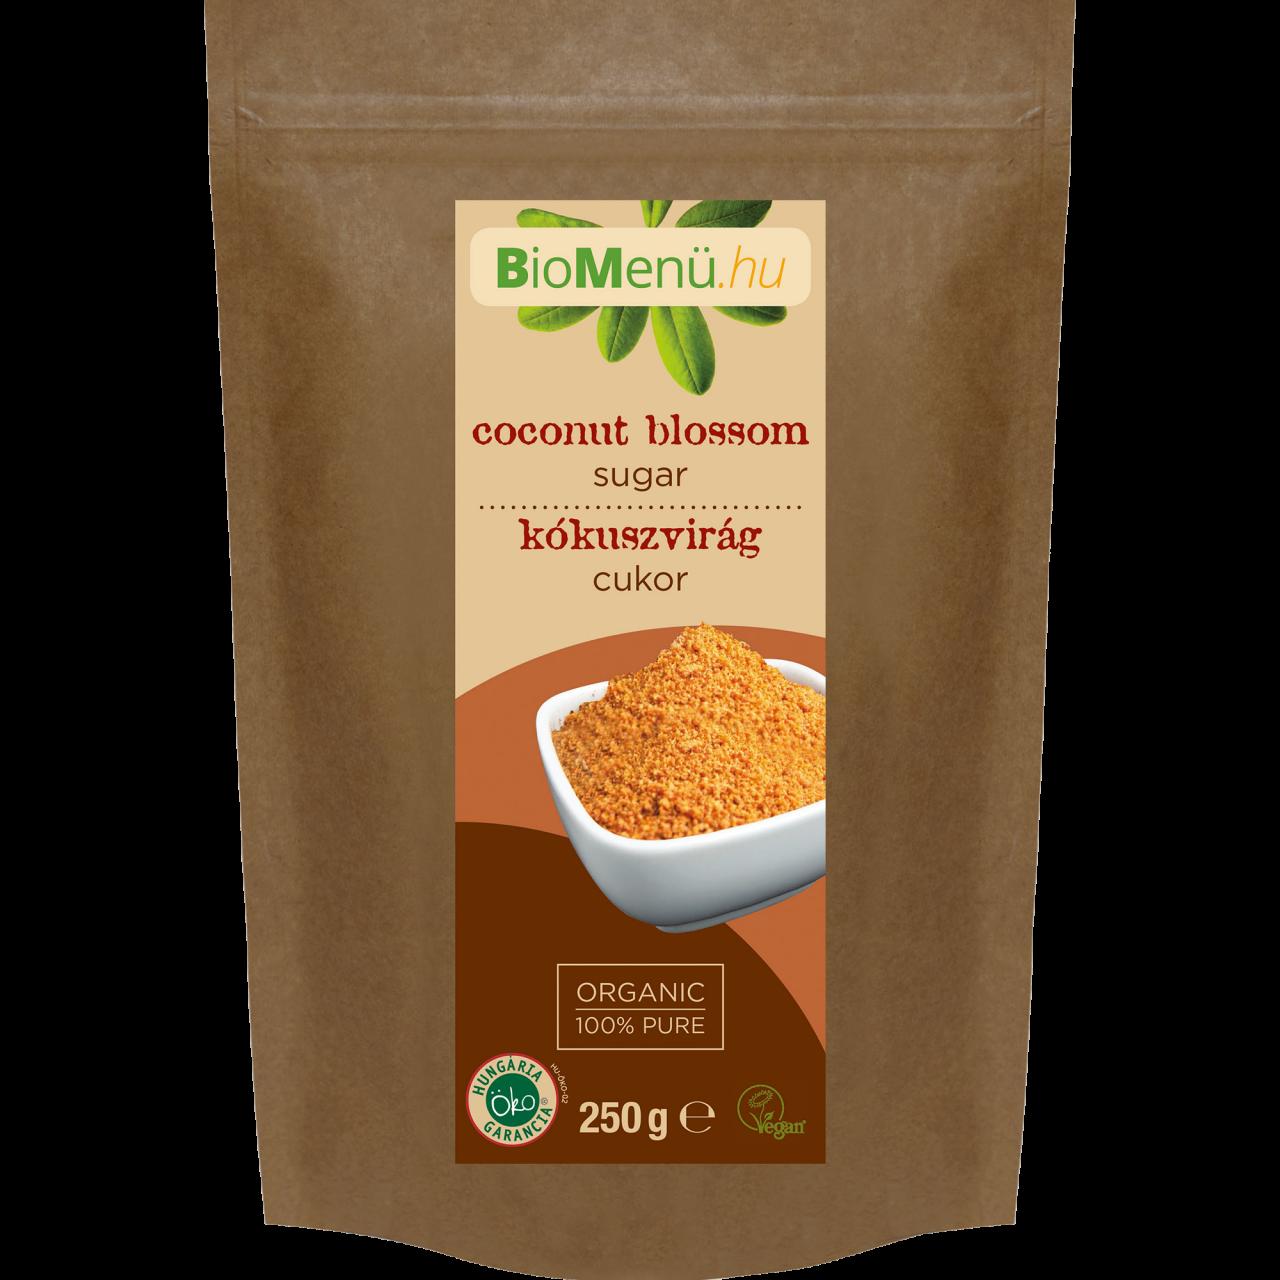 BioMenü Bio Kókuszvirág Cukor 250g